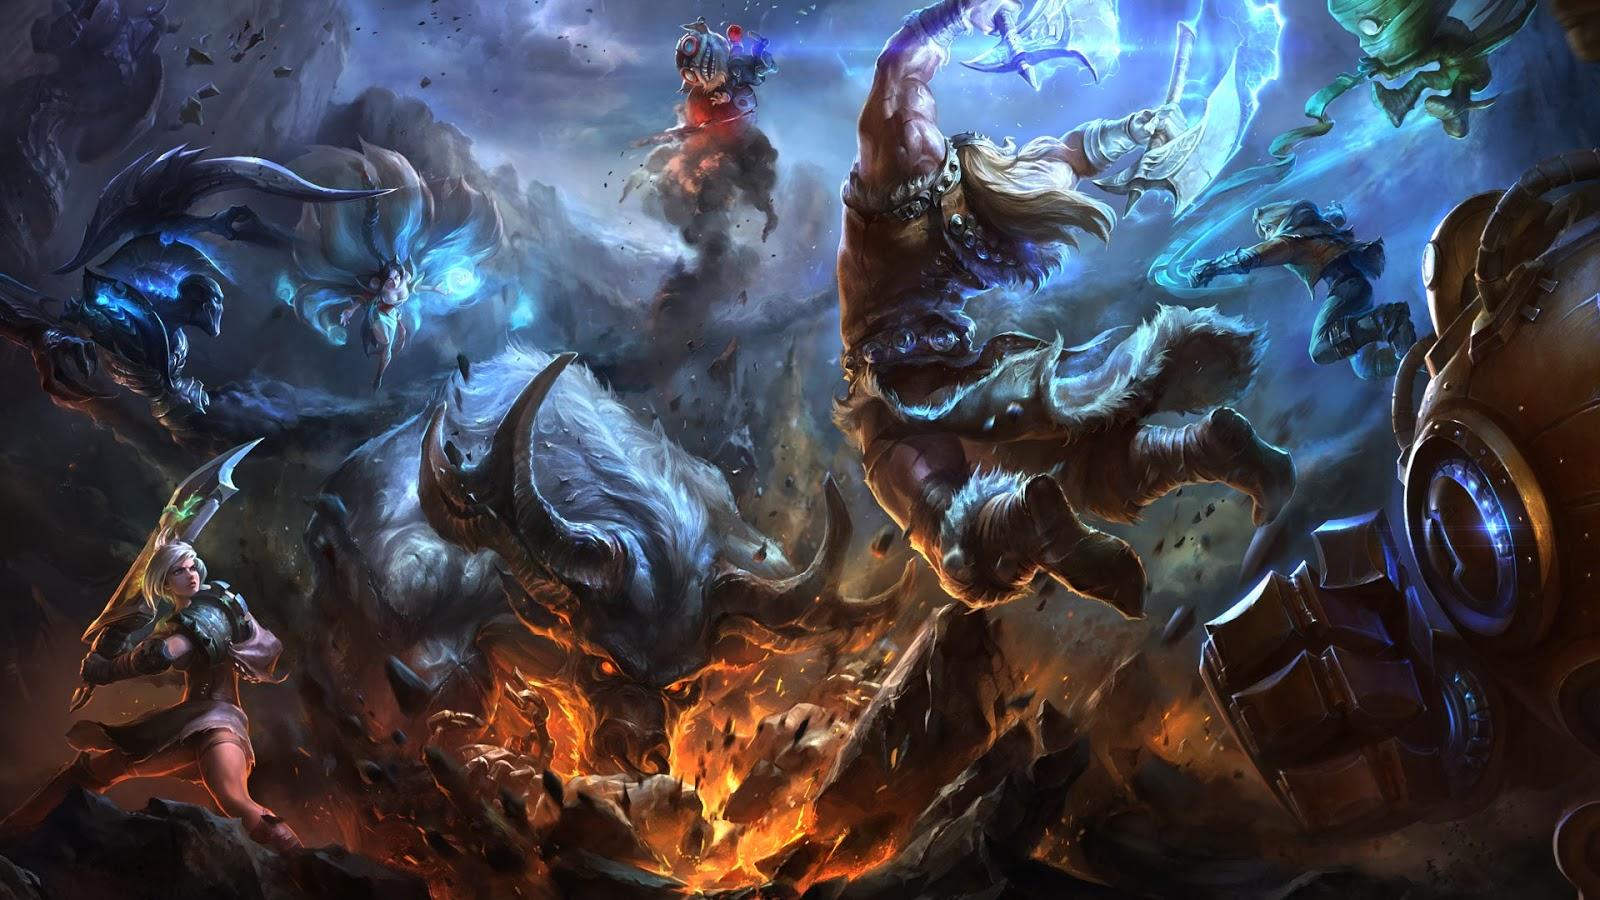 Blitzcrank League of Legends Wallpaper, Blitzcrank Desktop